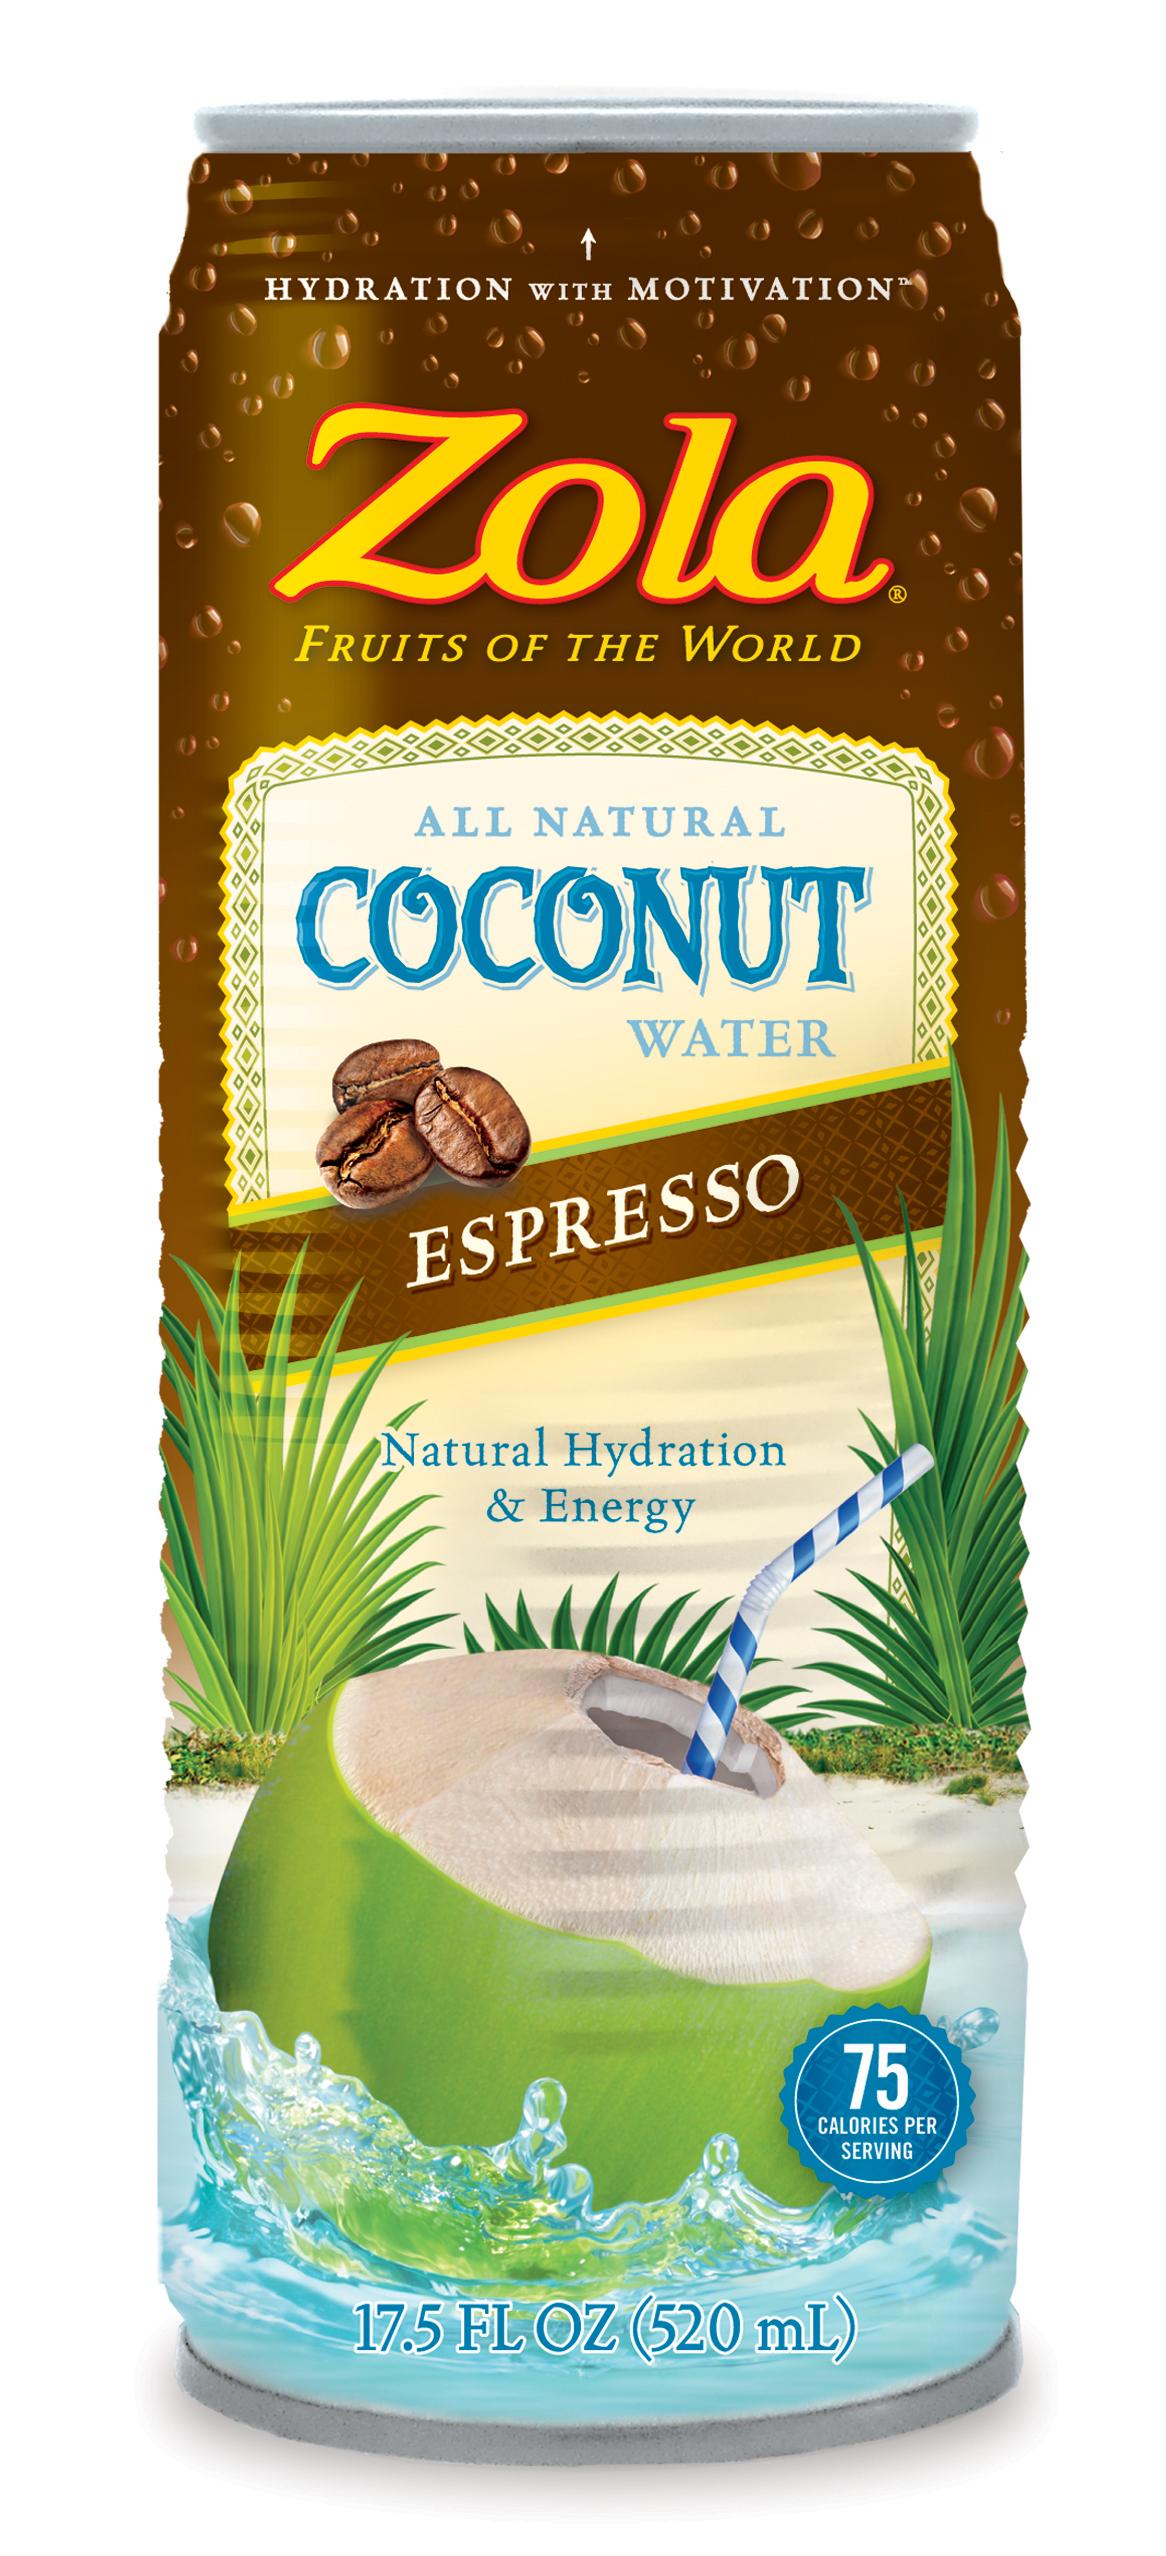 coco_espresso_can hi res(3)